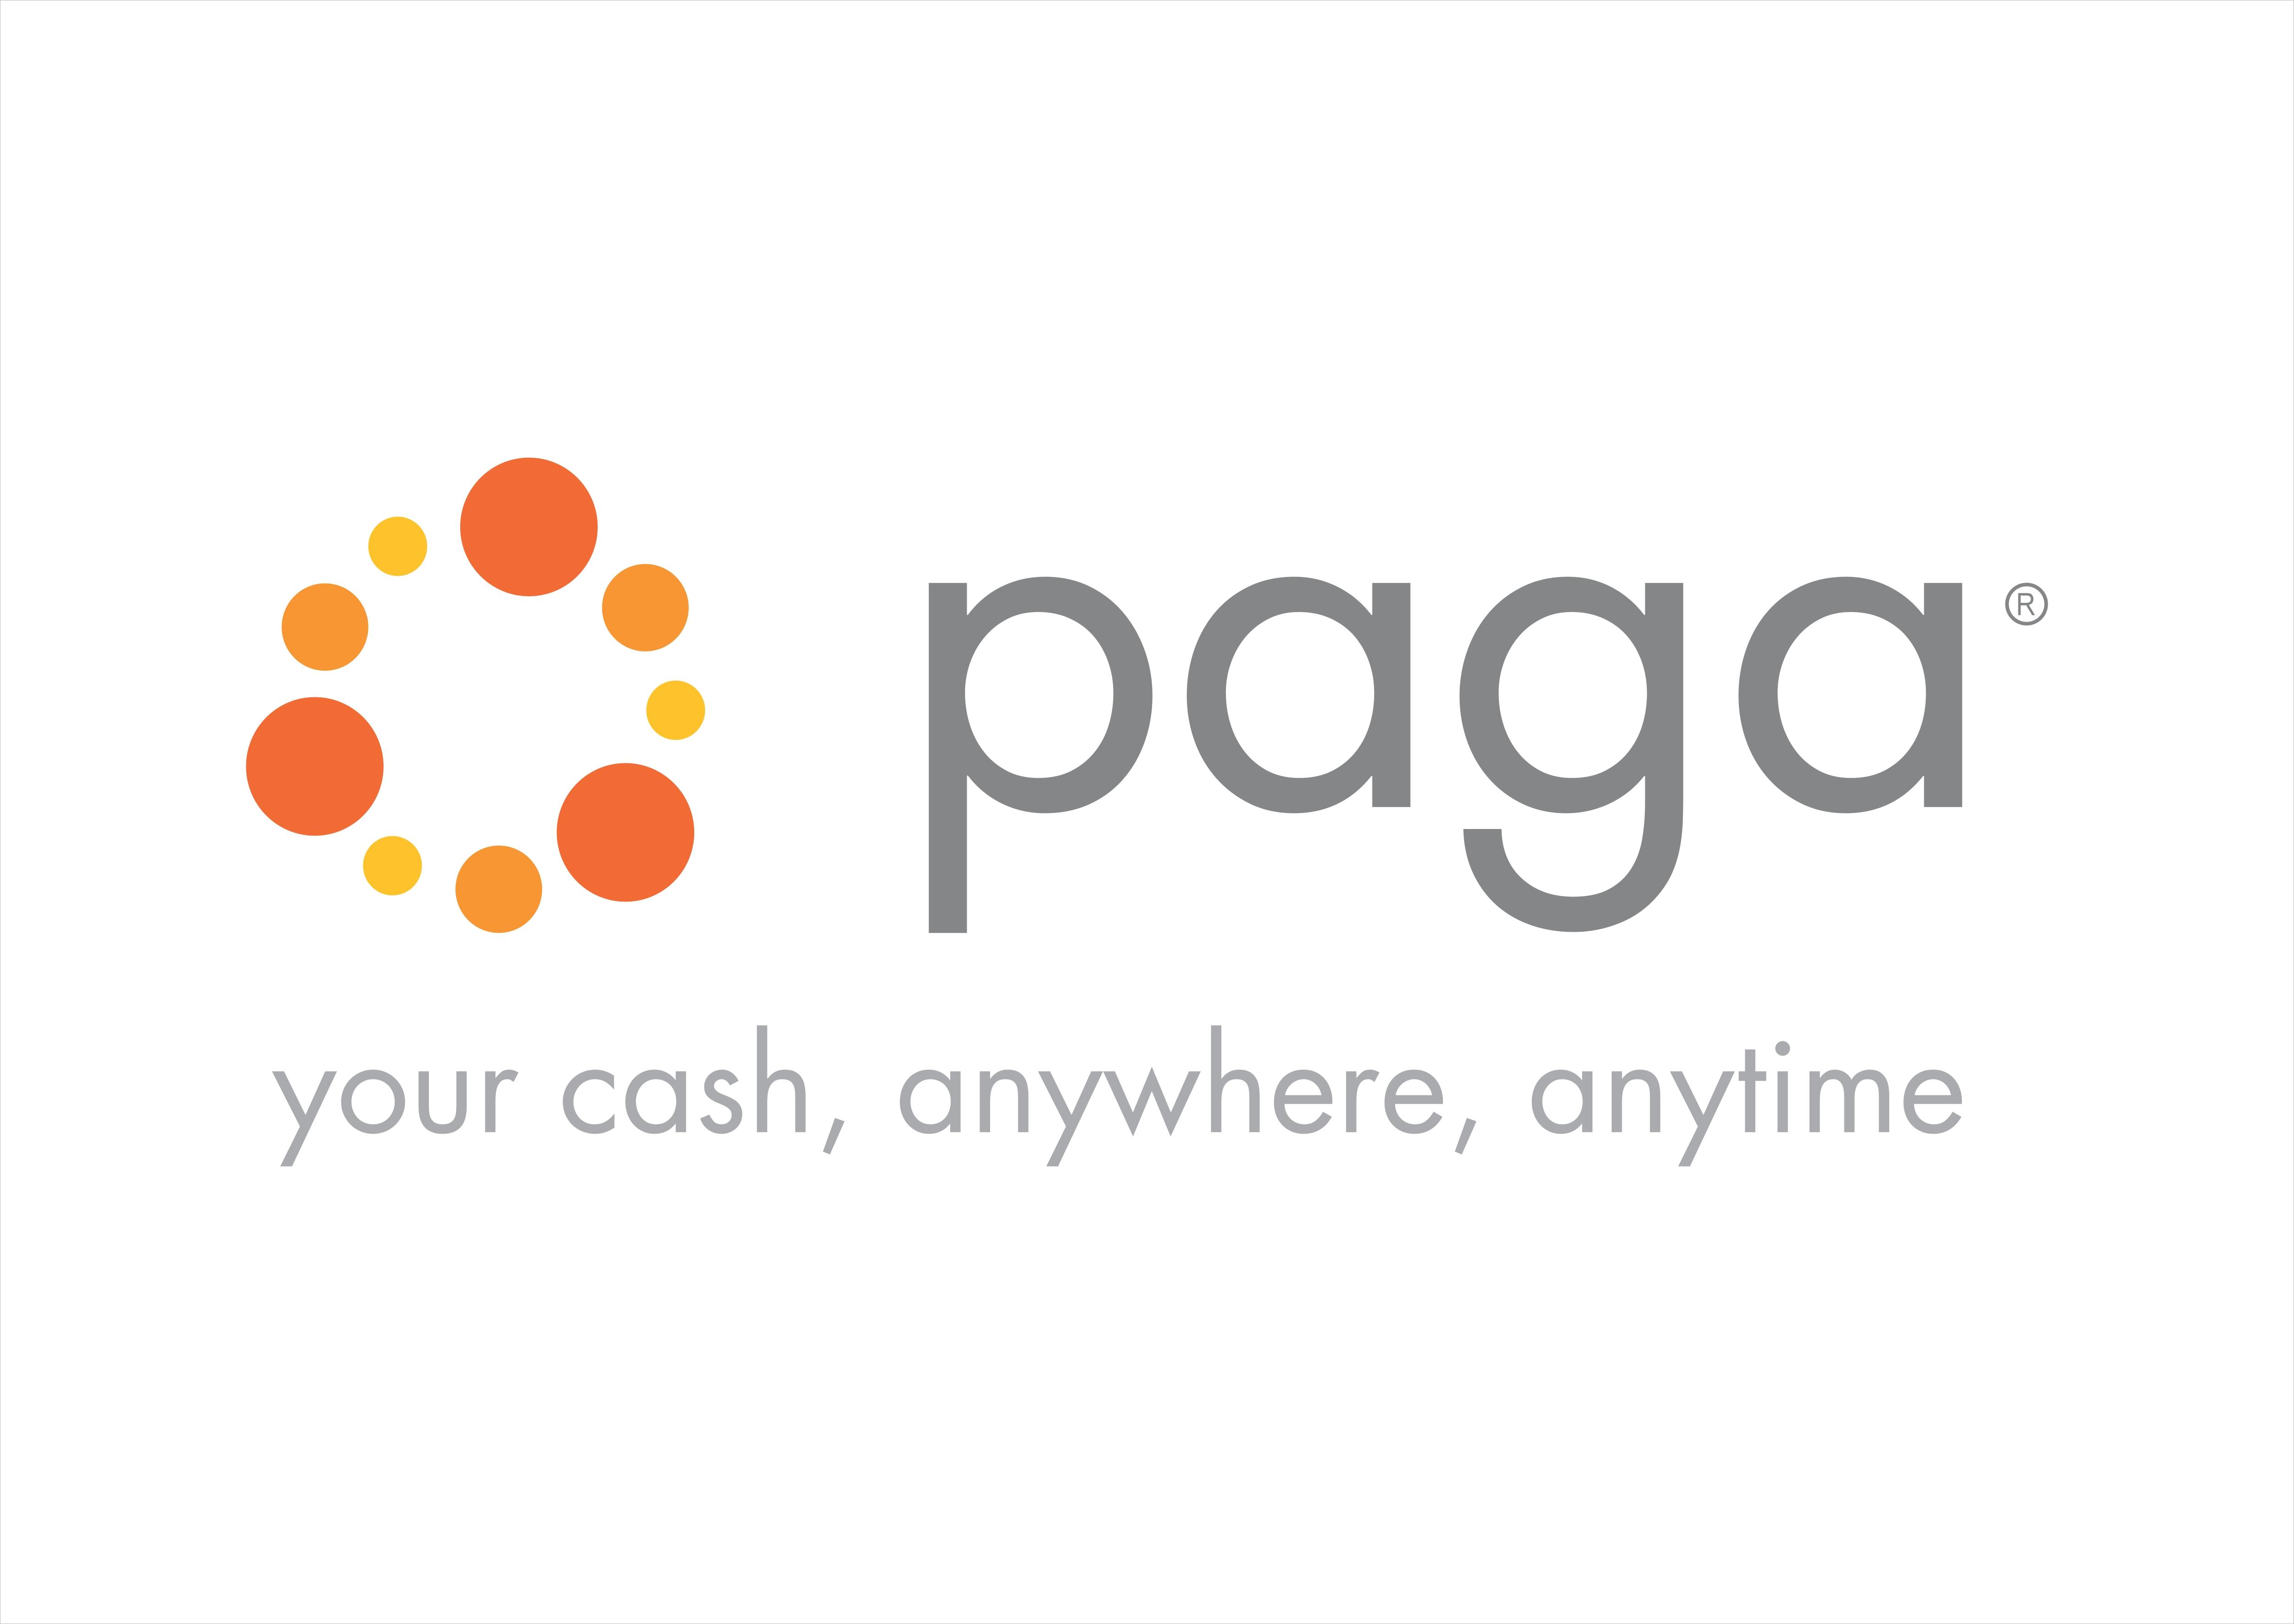 Paga logos1  1